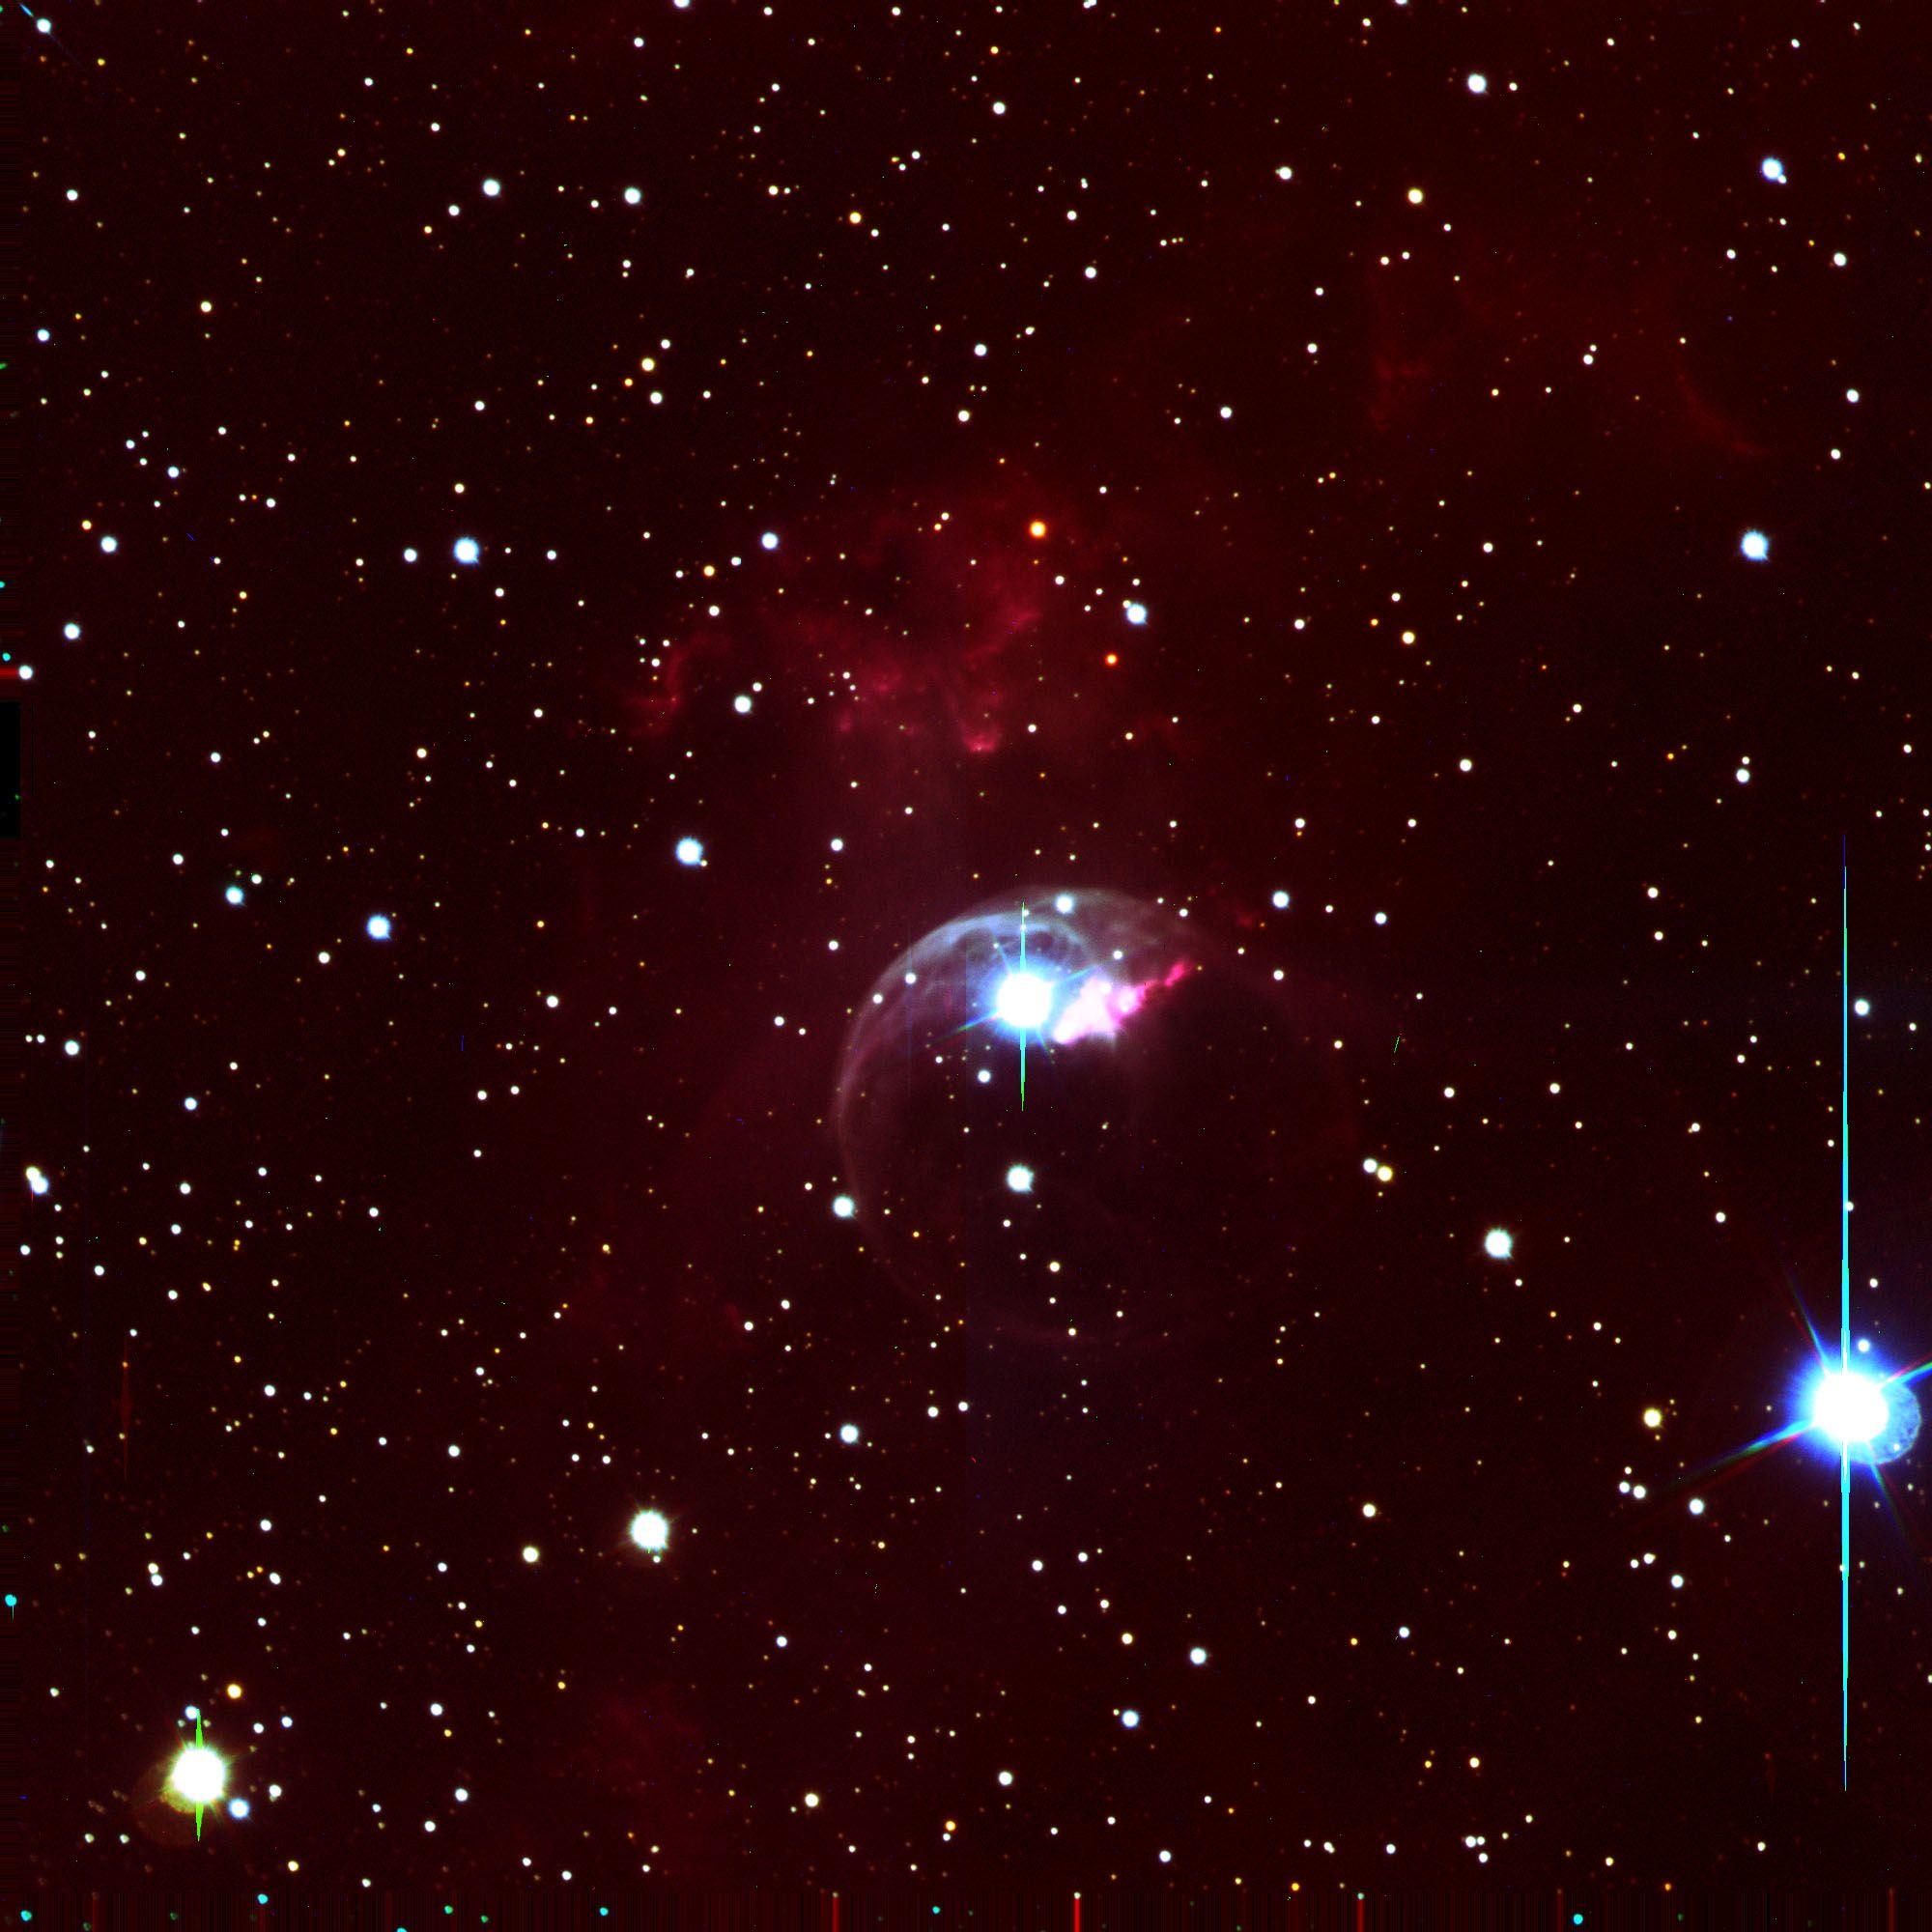 Emission Nebula NGC 7635, the Bubble Nebula